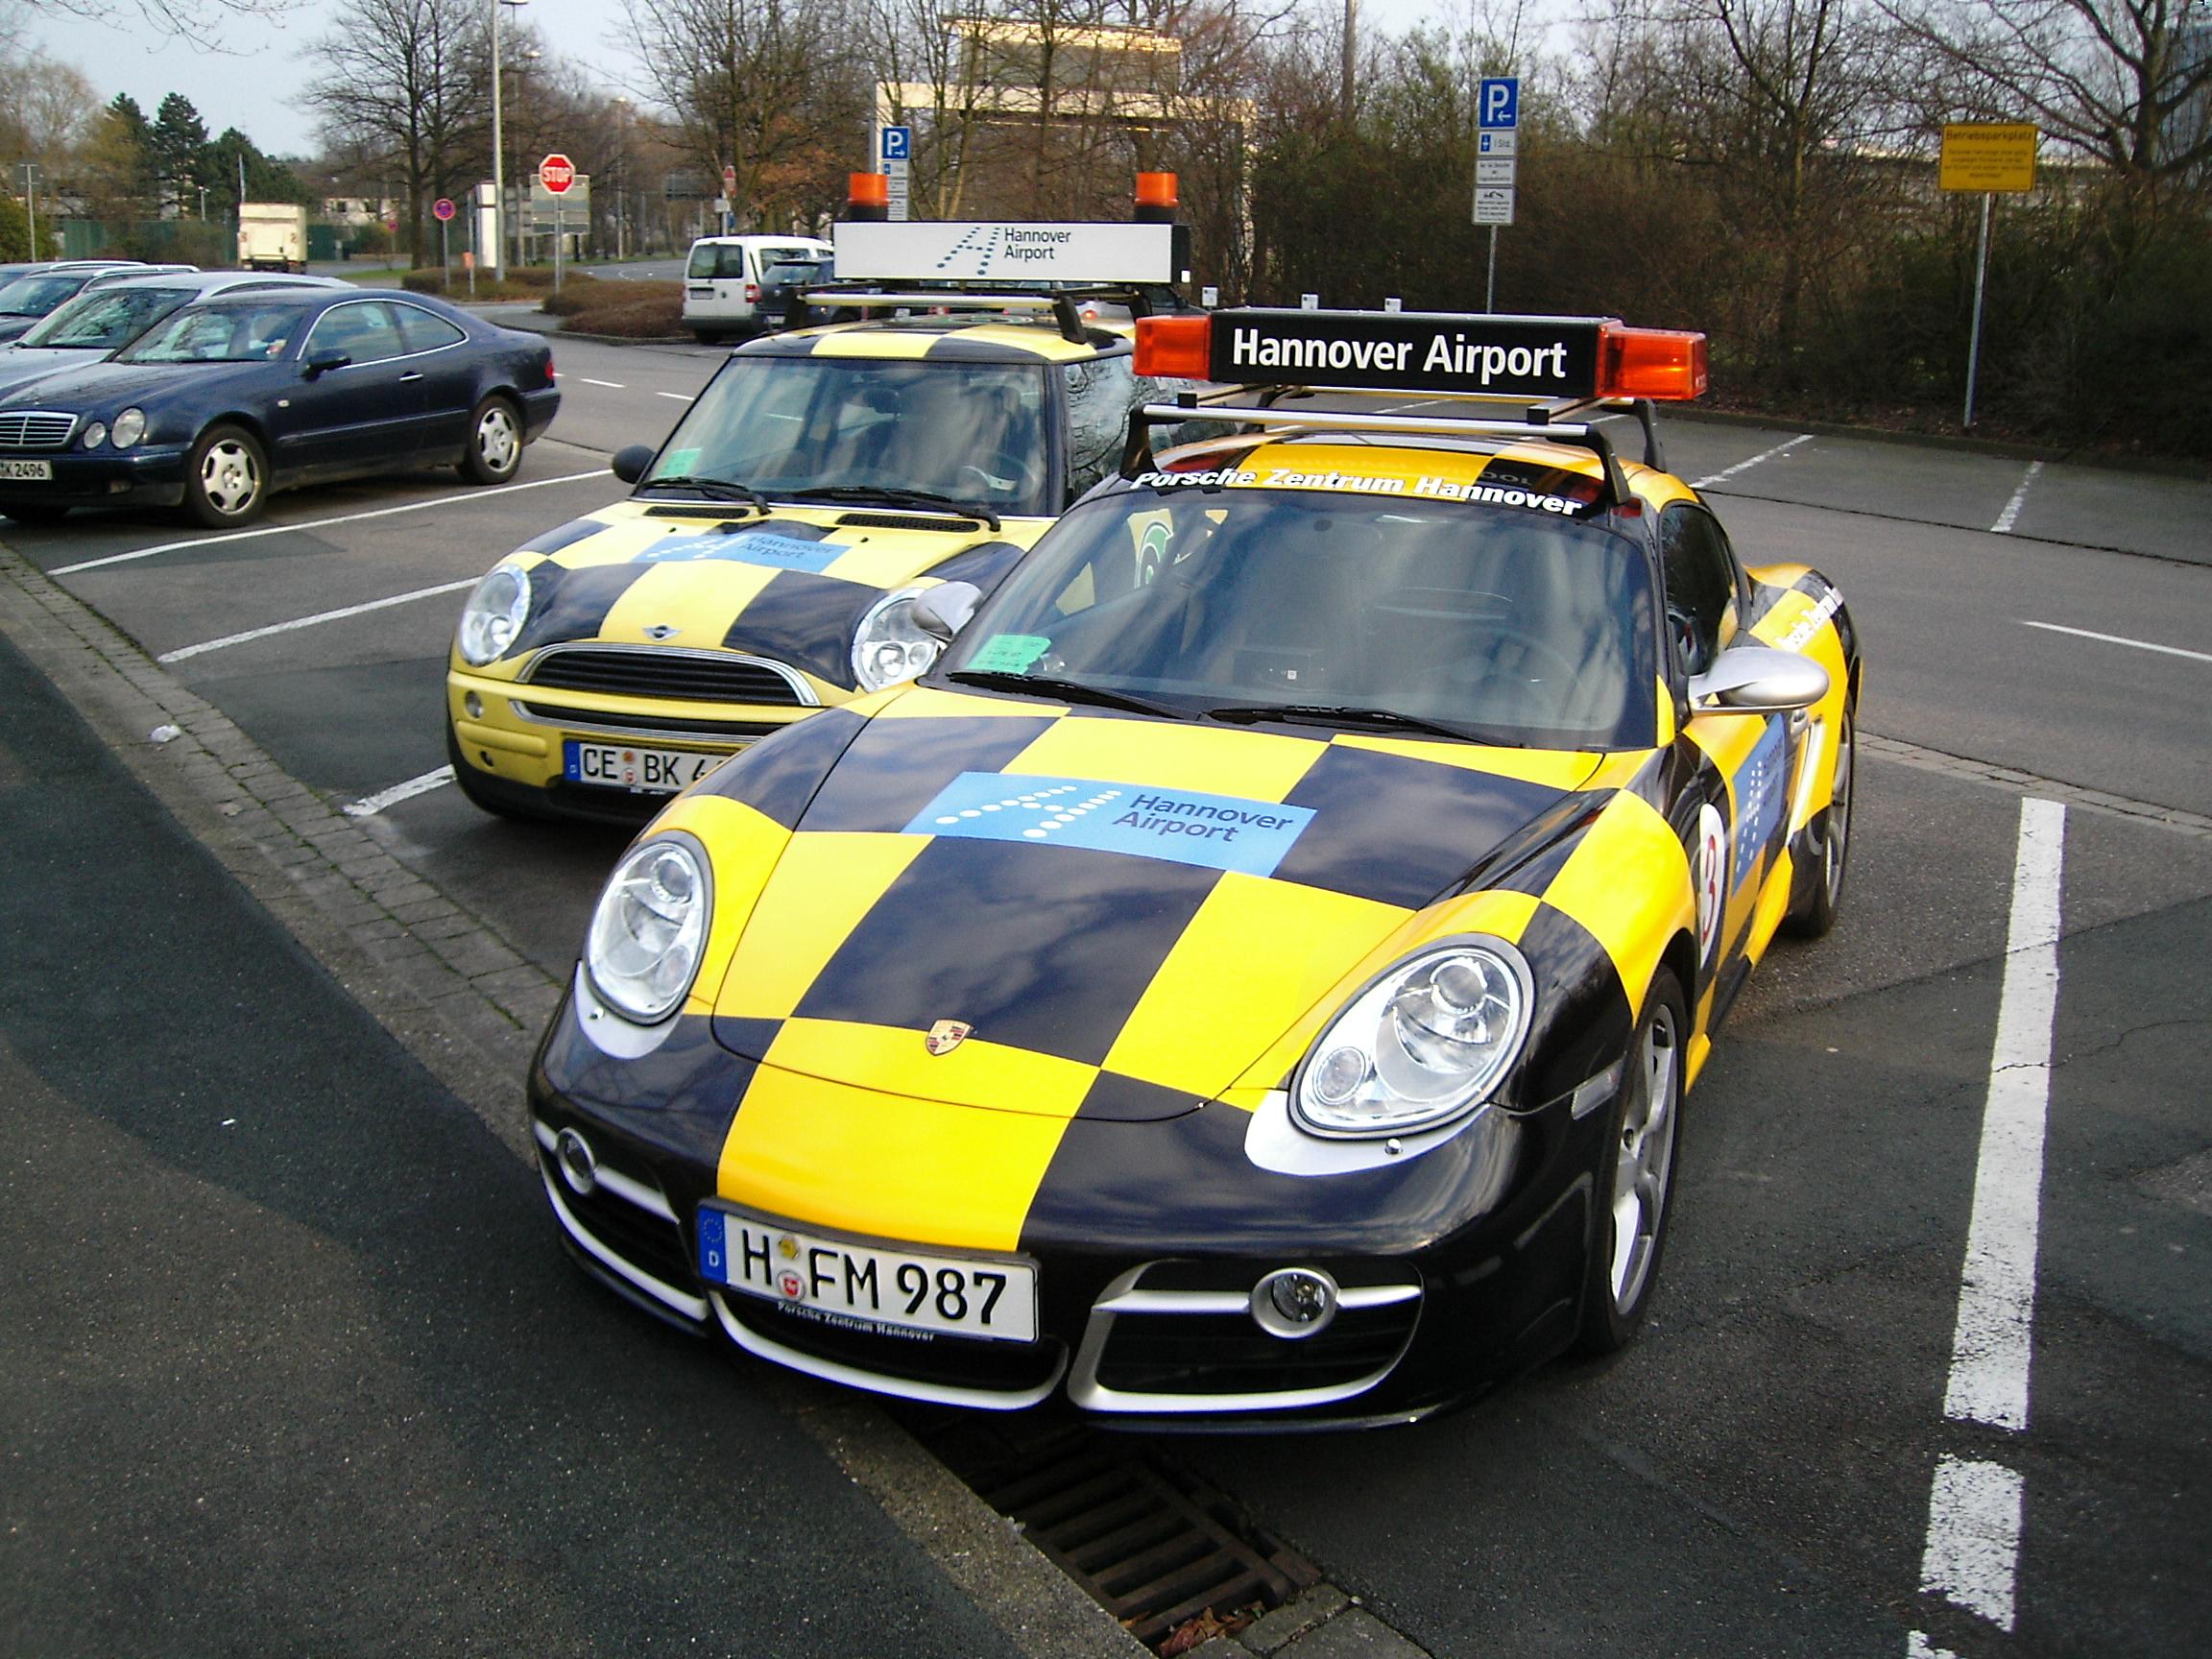 Mini Vs Porsche マークのウェブログ 1 72 ホンウェル ミニクーパー